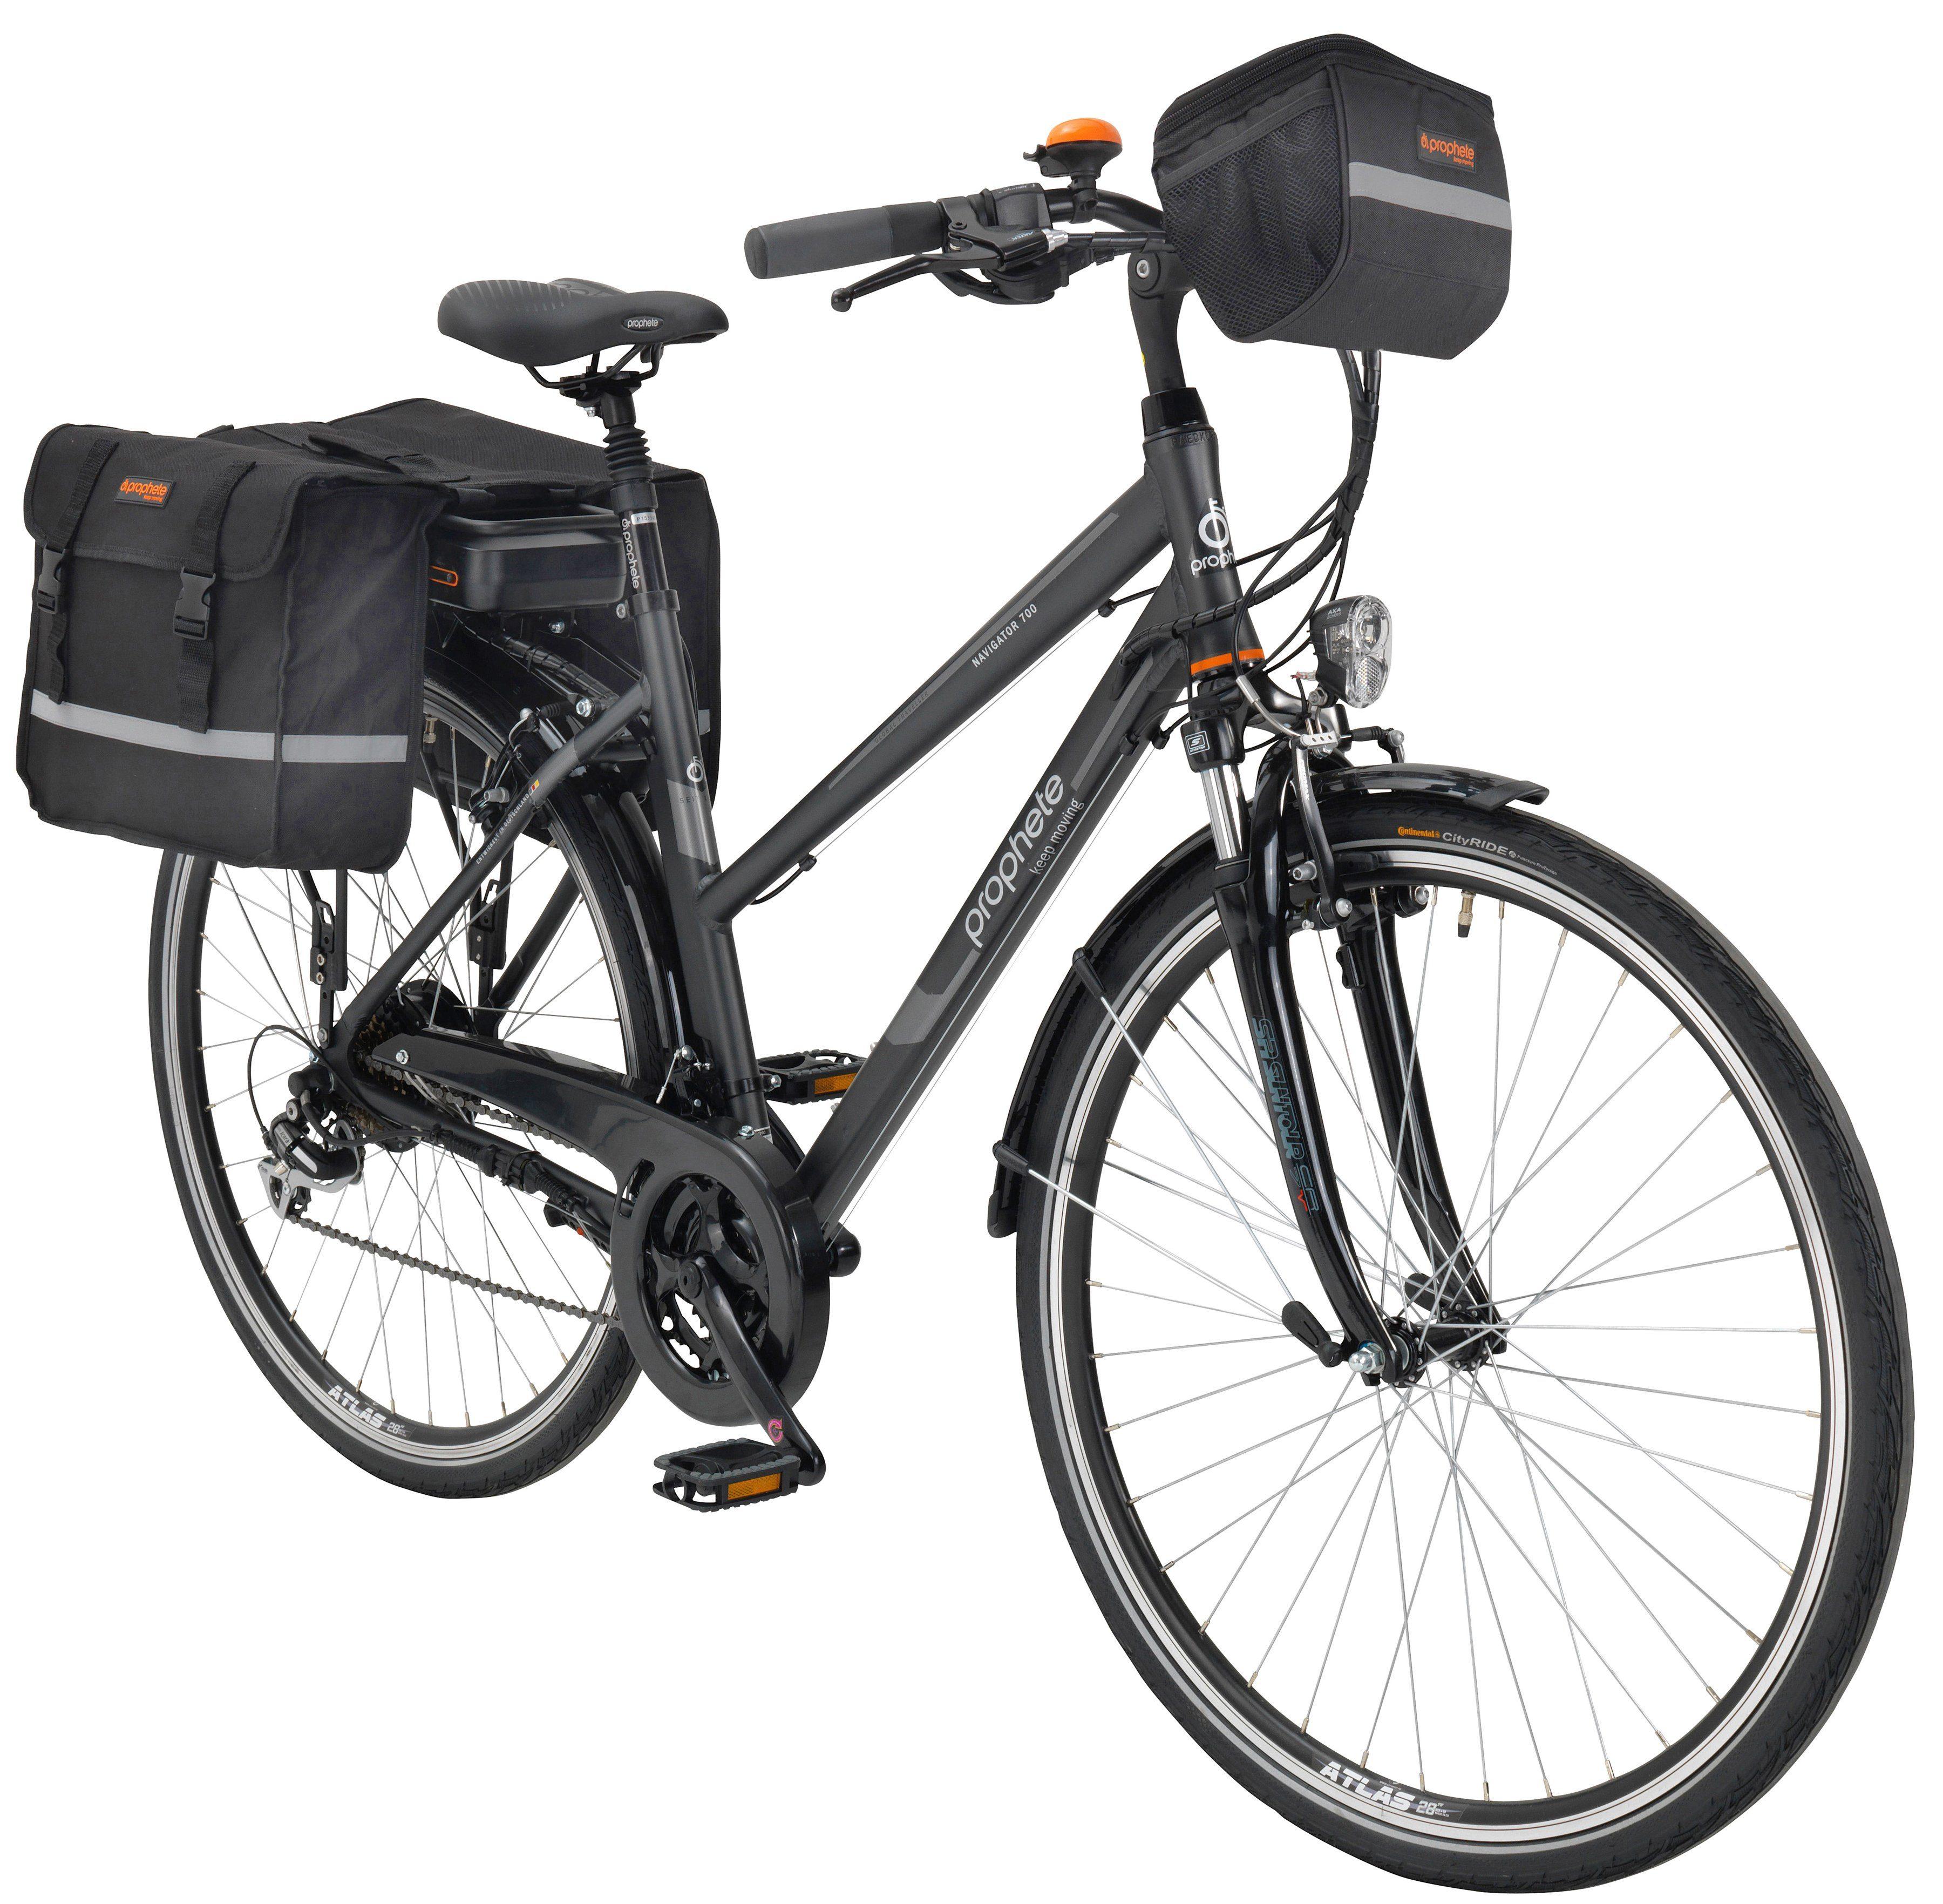 PROPHETE E-Bike Trekking Damen »Navigator 700«, 28 Zoll, 24 Gang, Heckmotor, 374 Wh